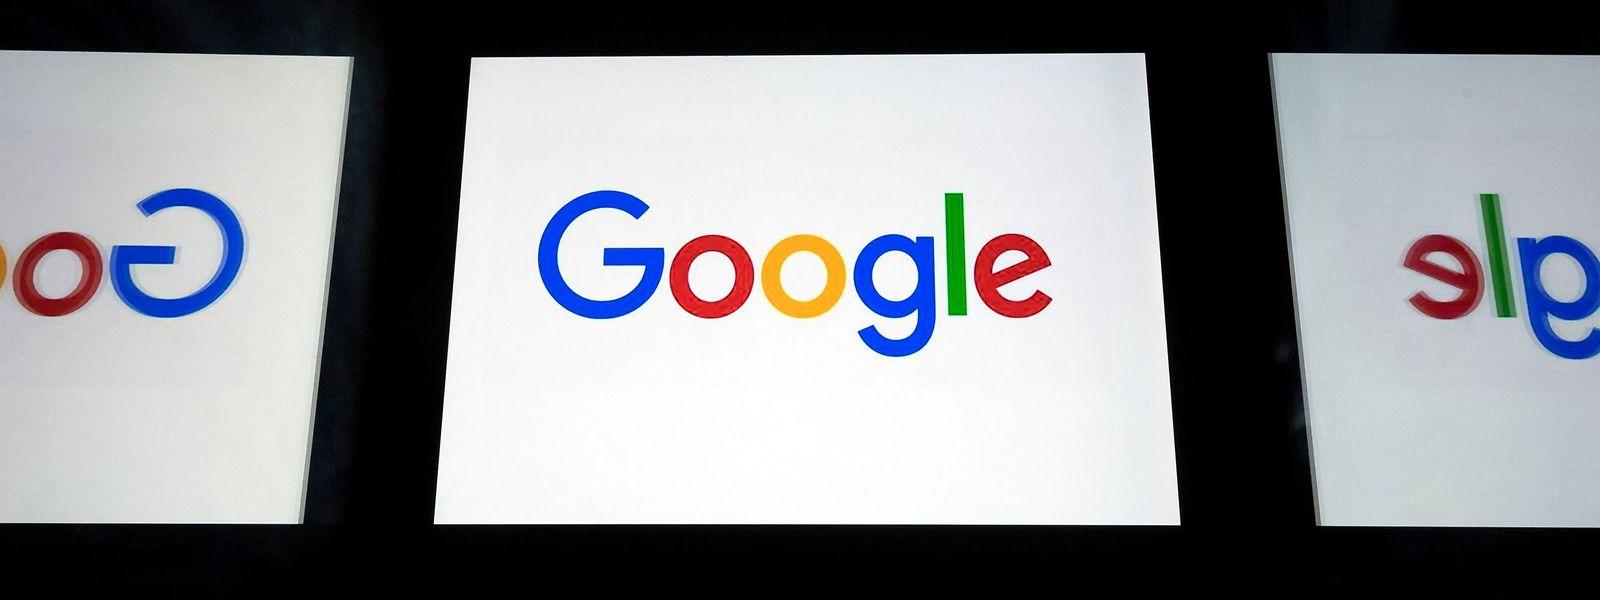 Facebook und Google machen in den USA eine Impfung ihrer Mitarbeiter zur Voraussetzung für die Rückkehr ins Büro.